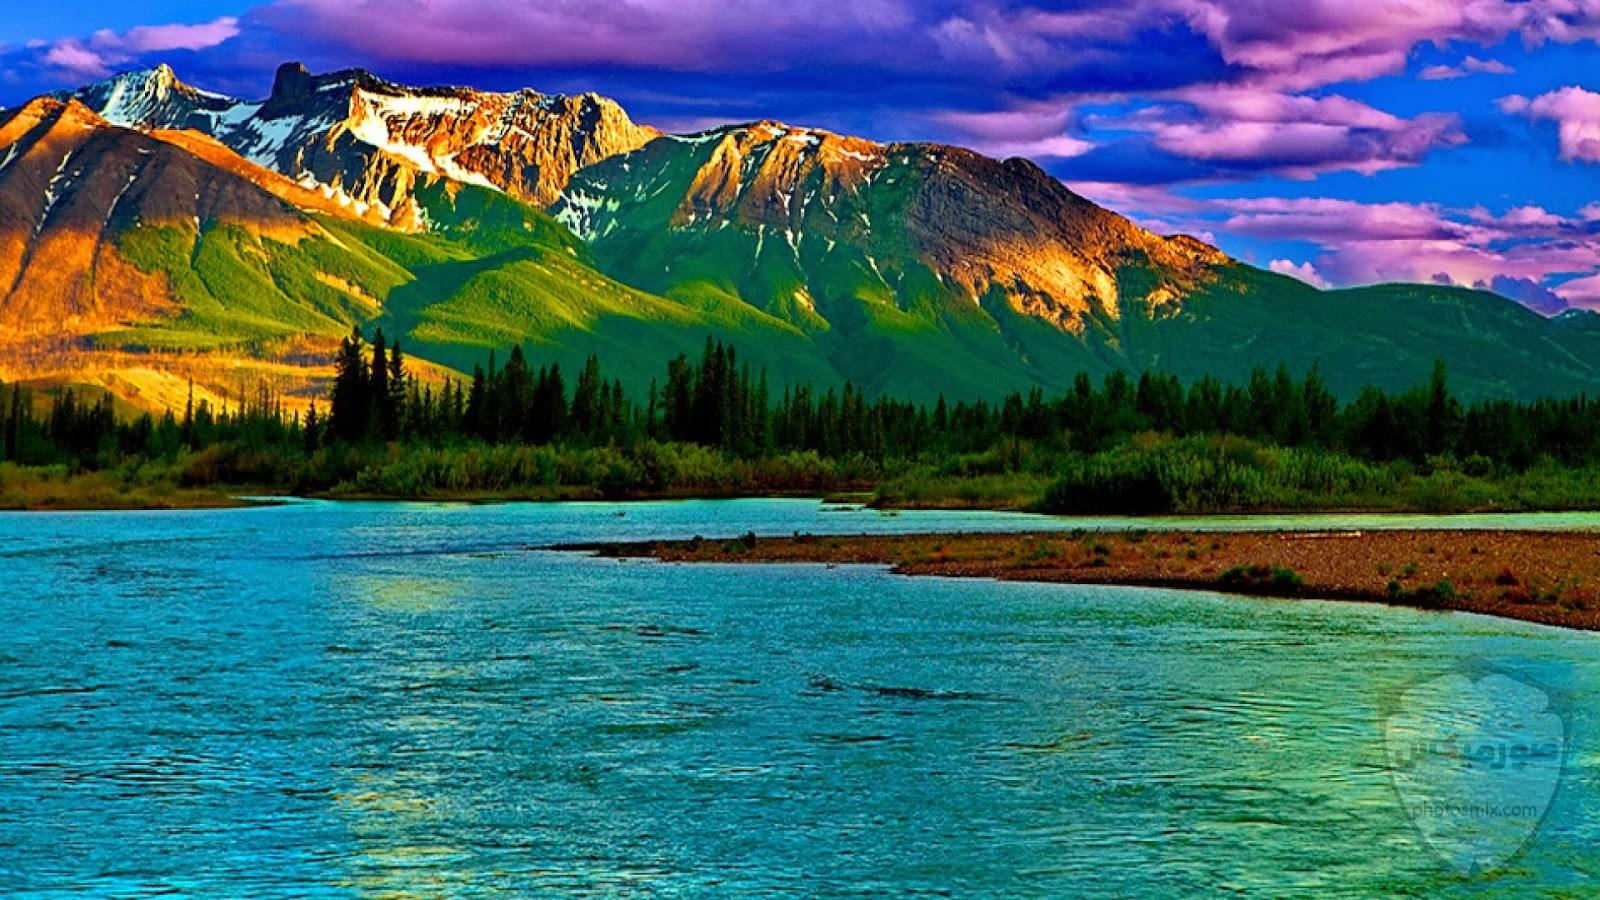 صور جبال خلفيات جبال بجودة HD احلي صور الجبال 2